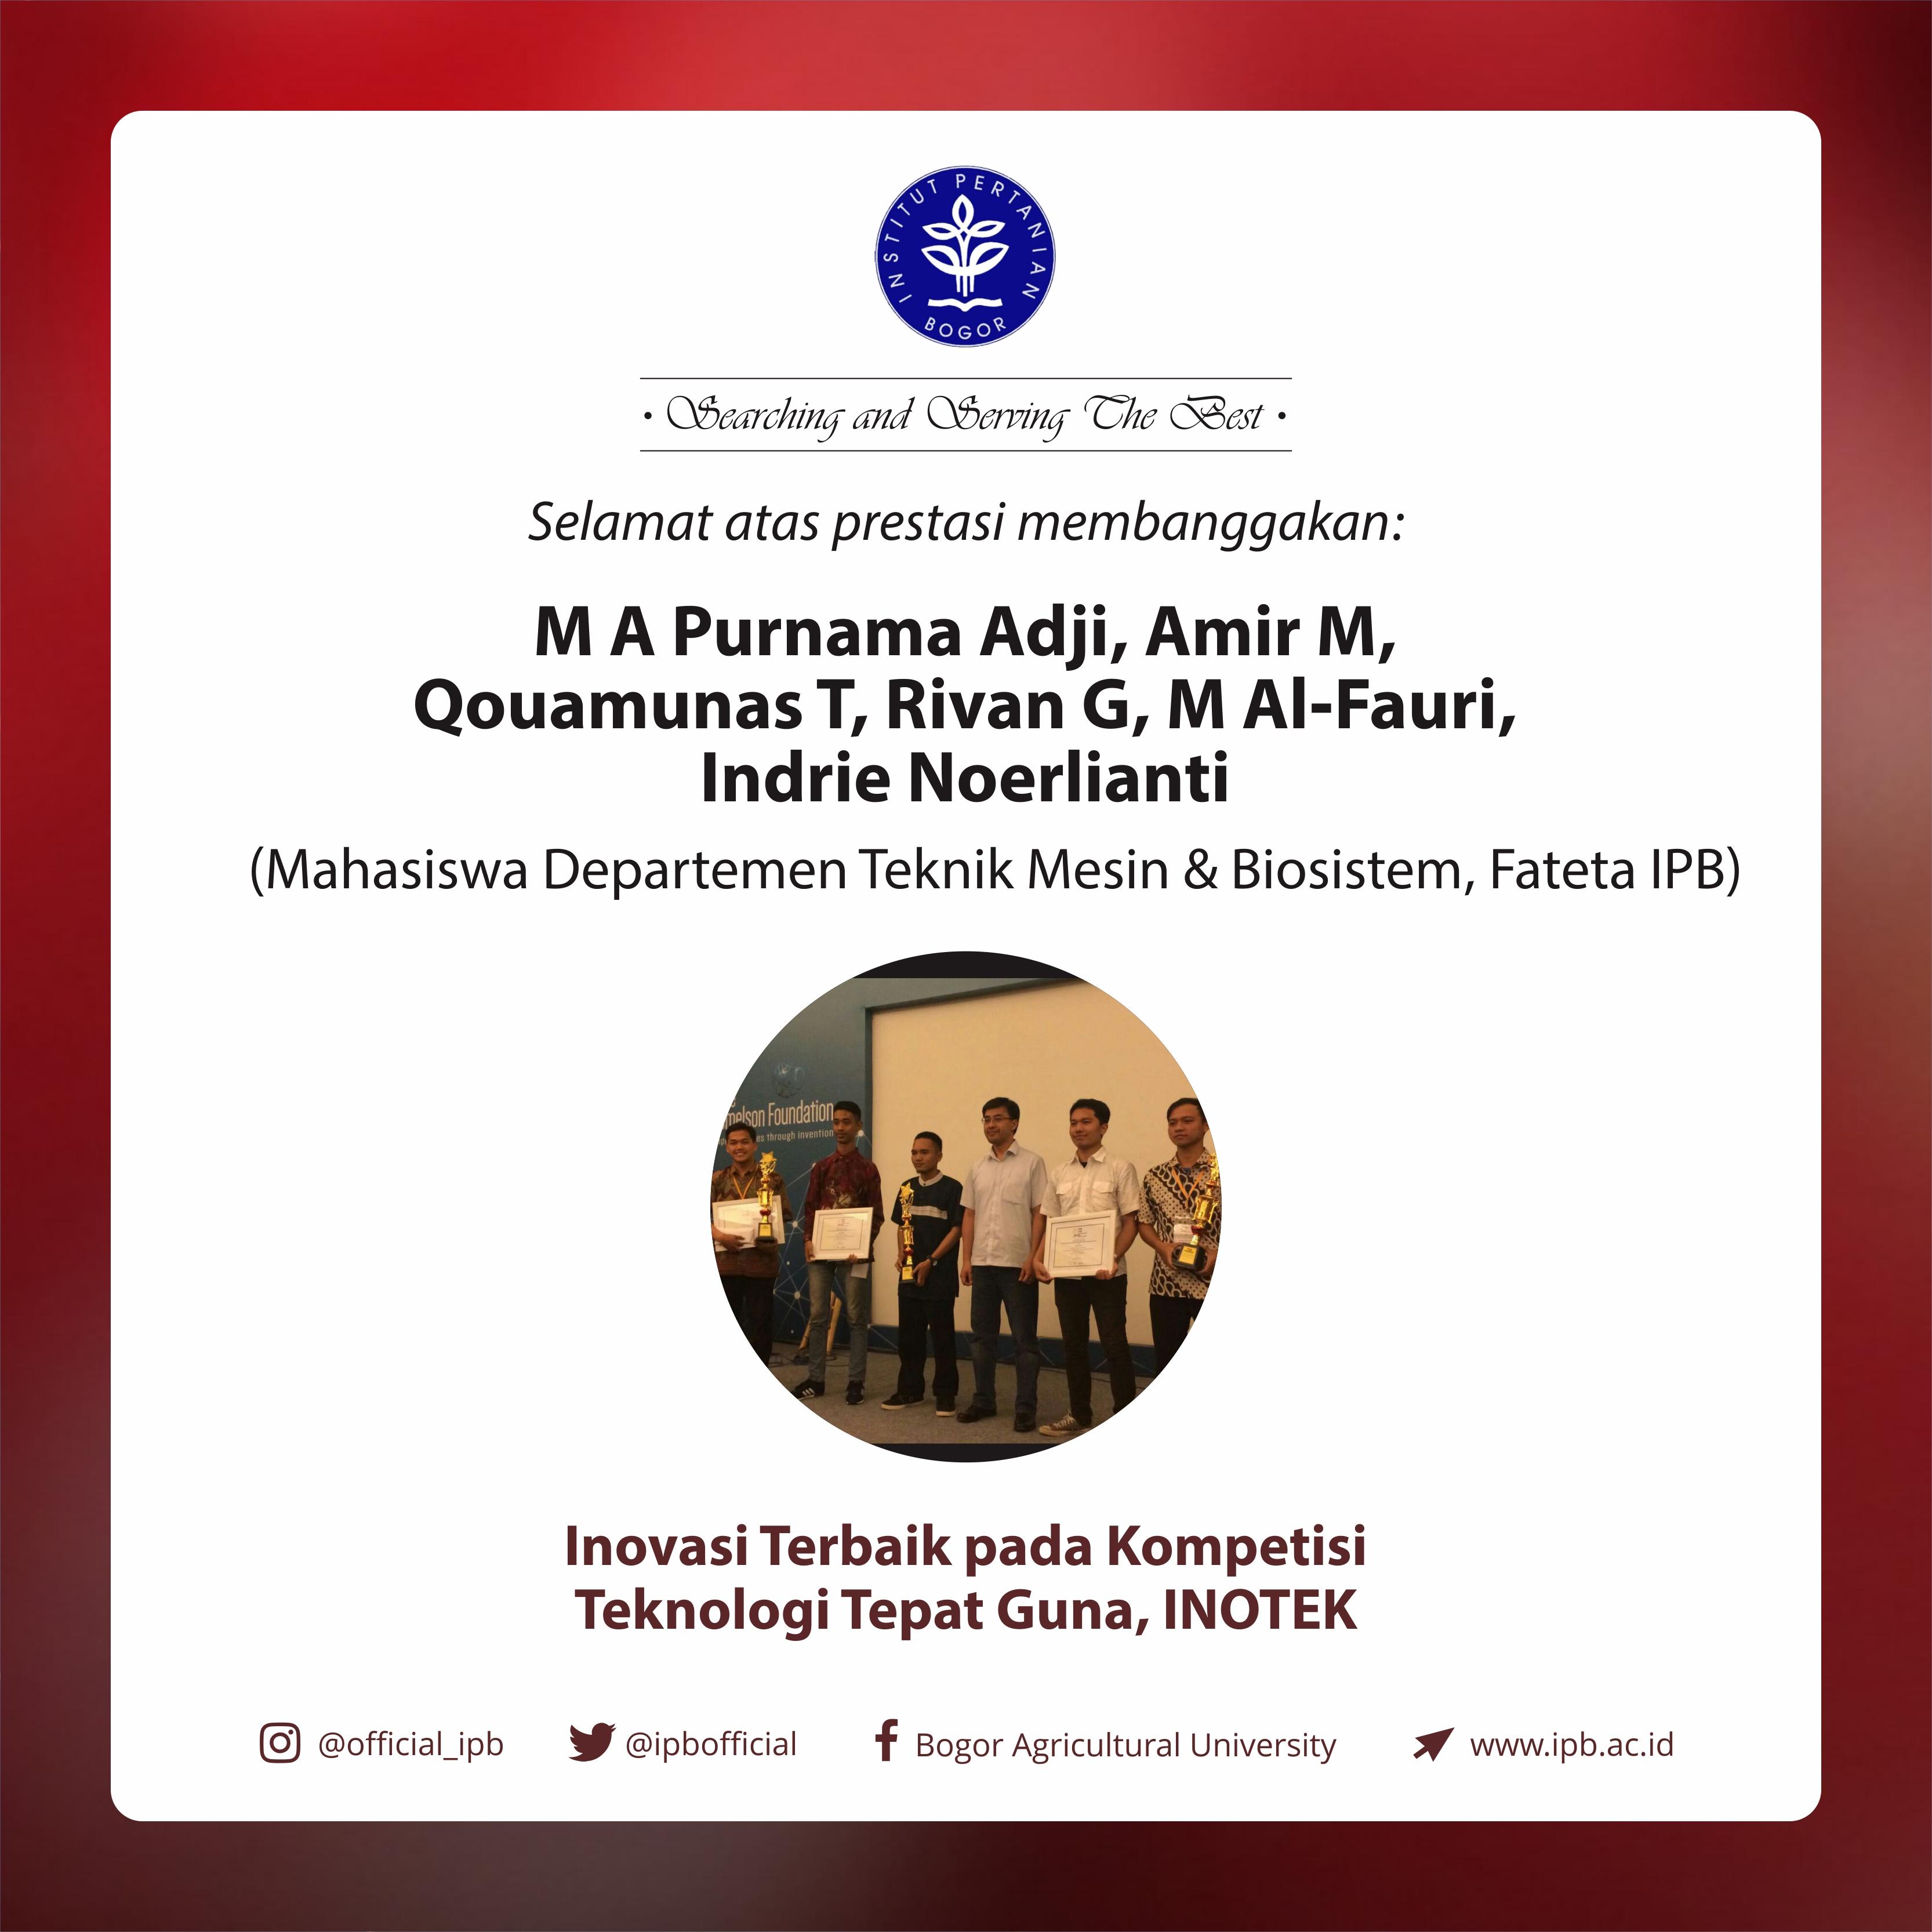 Mahasiswa Teknik Mesin & Biosistem IPB Raih Predikat Inovasi Terbaik pada Kompetisi Teknologi Tepat Guna INOTEK